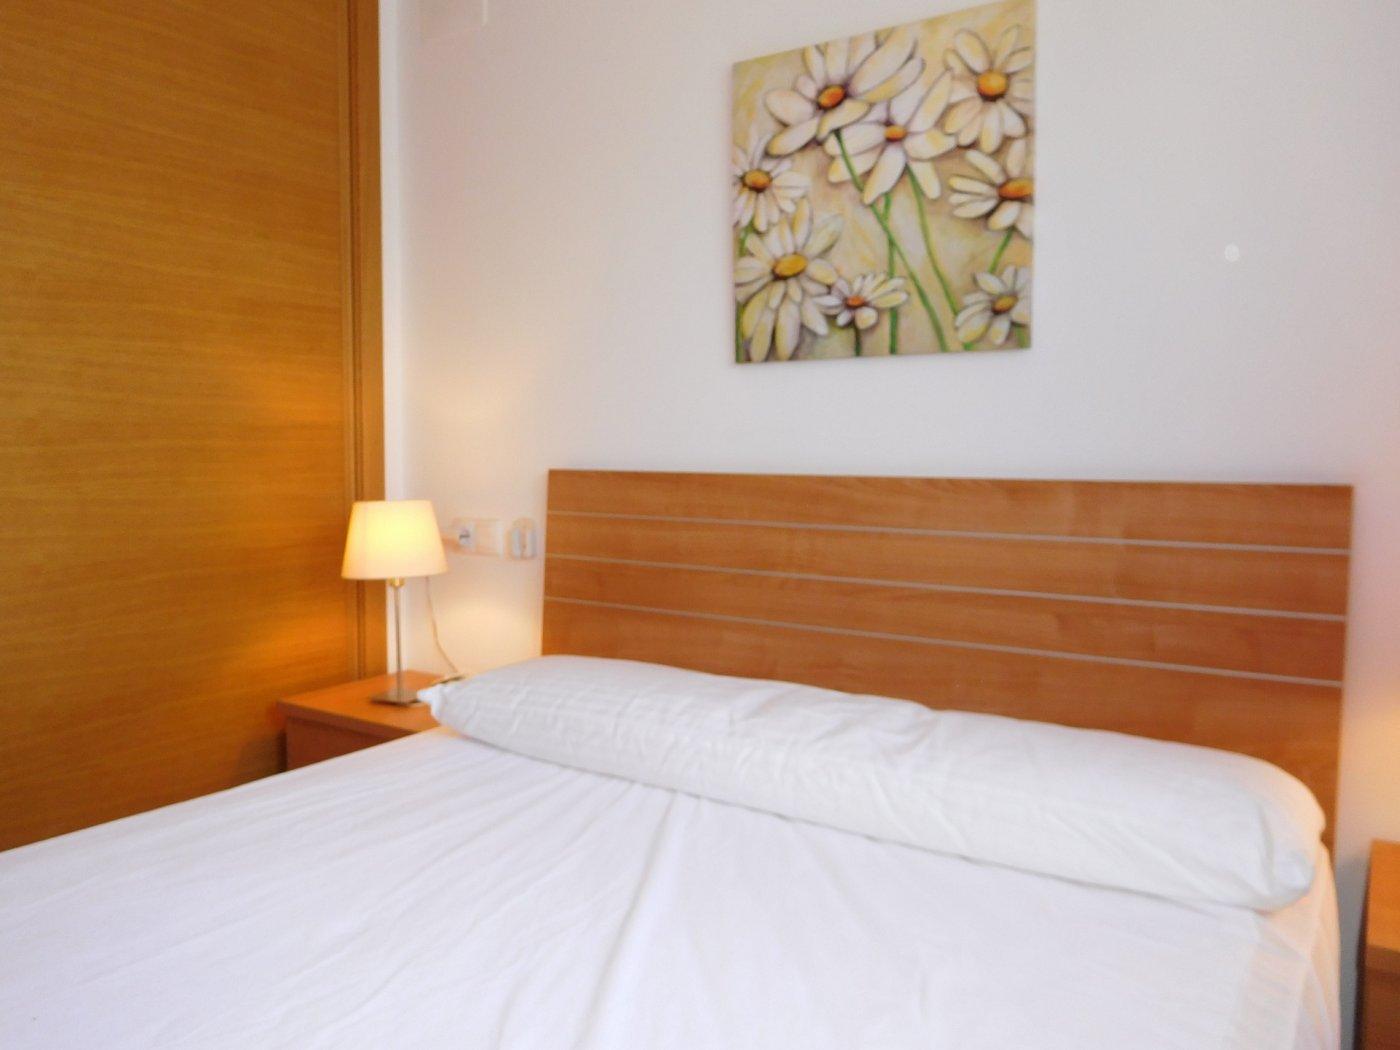 Image 8 Apartment ref 3265-02752 for rent in Condado De Alhama Spain - Quality Homes Costa Cálida